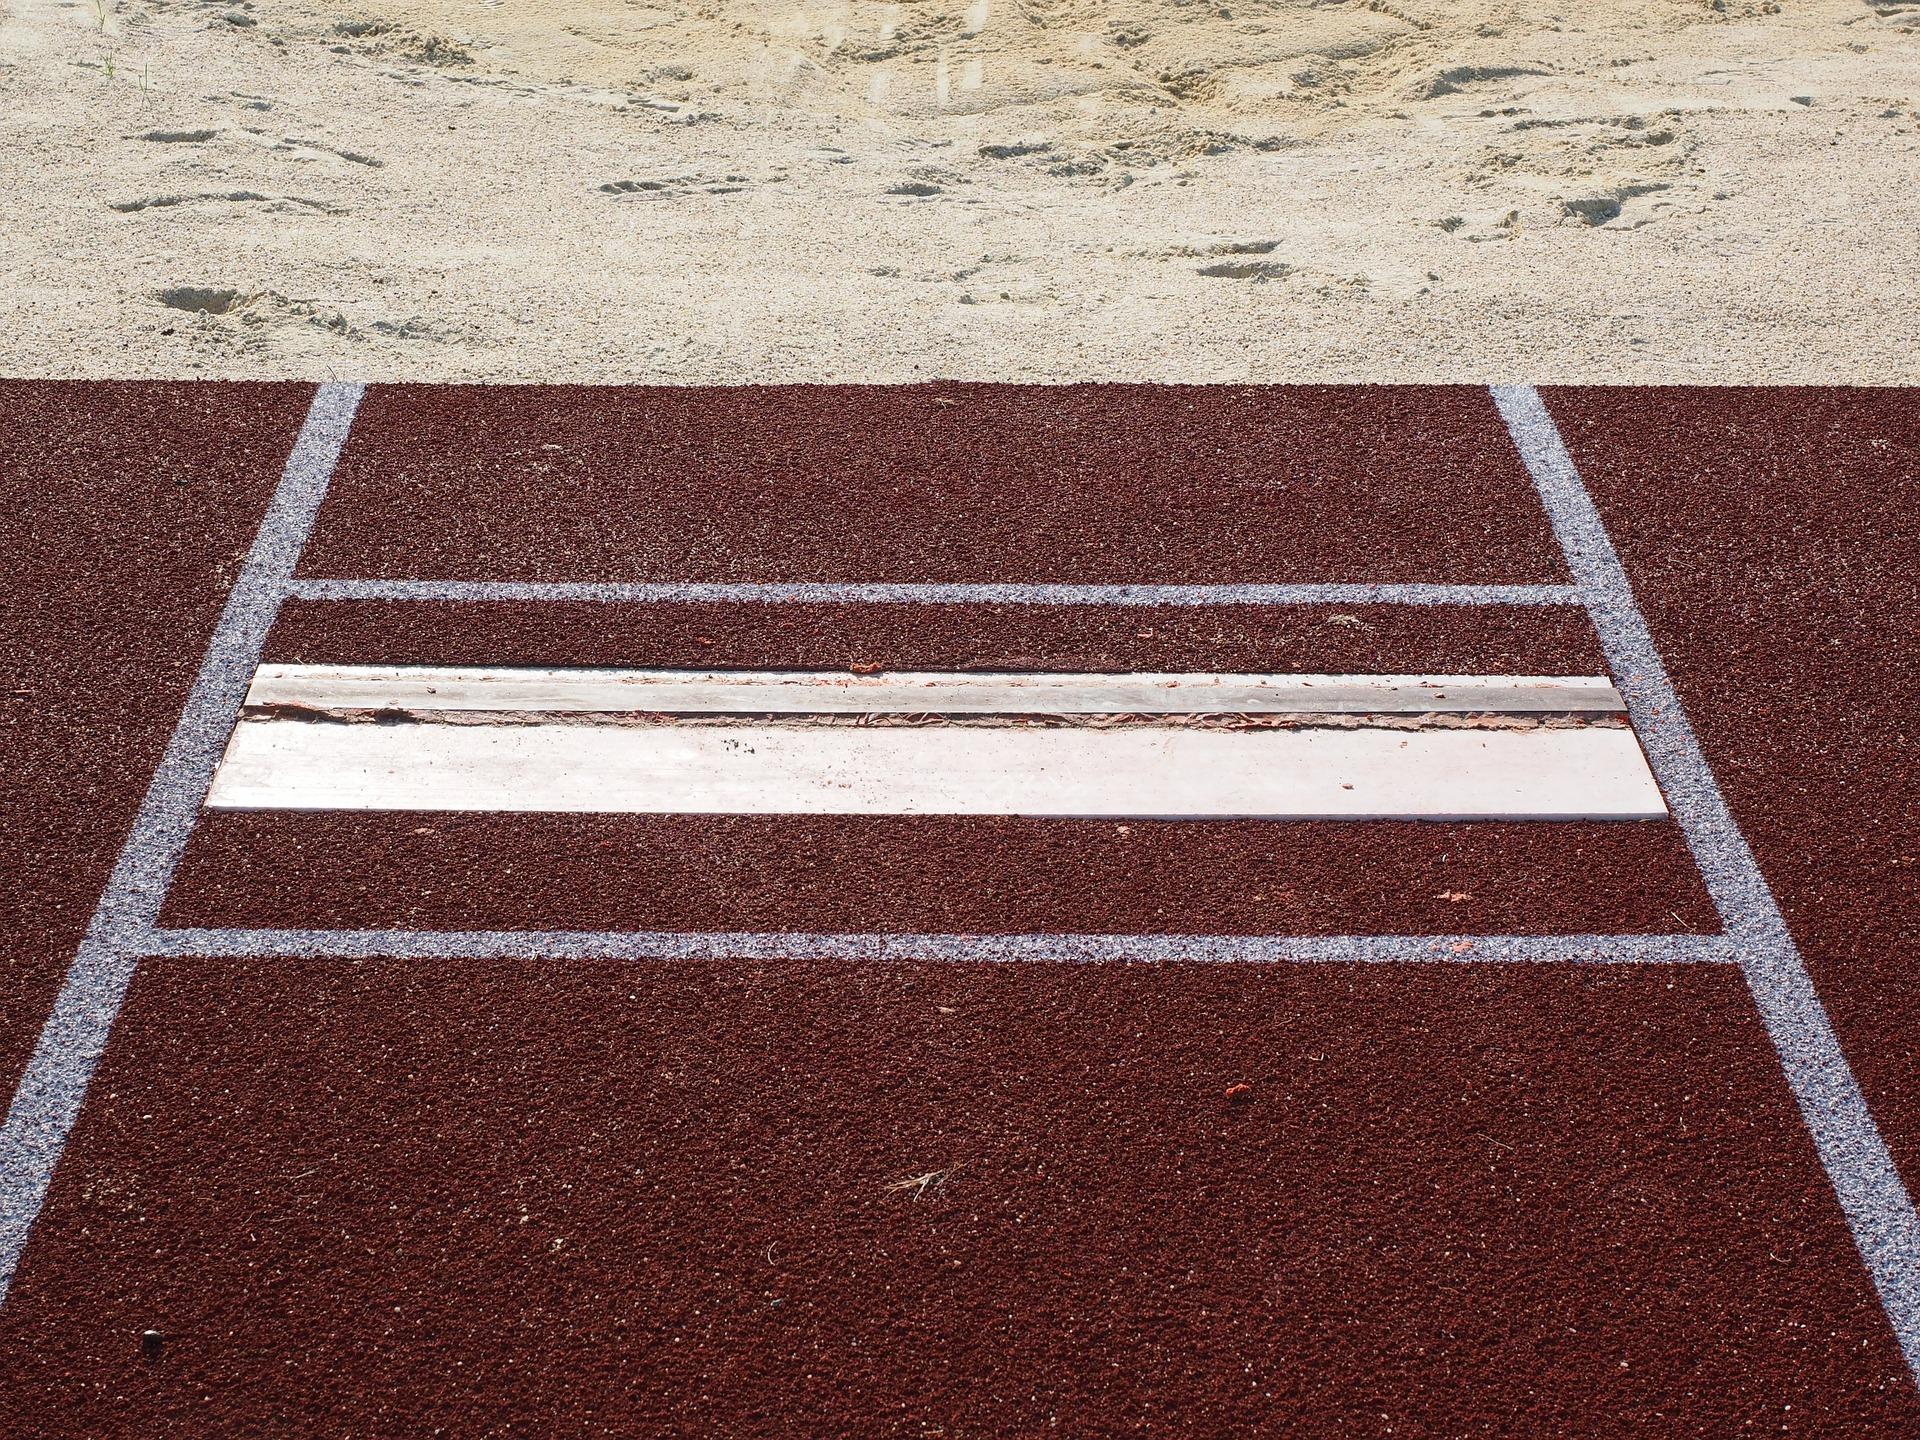 En längdhoppsplanka och längdhoppsgropen.